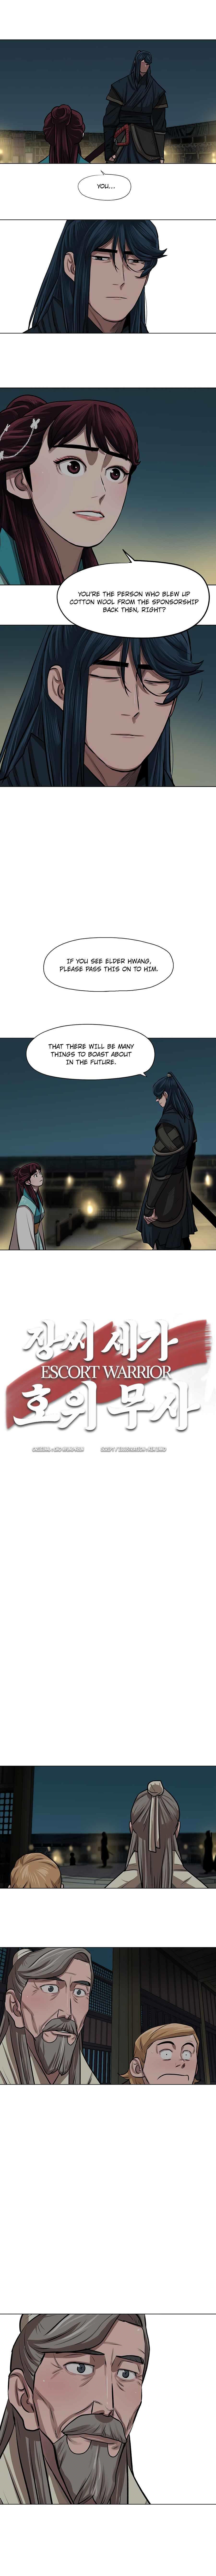 Escort Warrior Chapter 25 page 10 - Mangakakalots.com